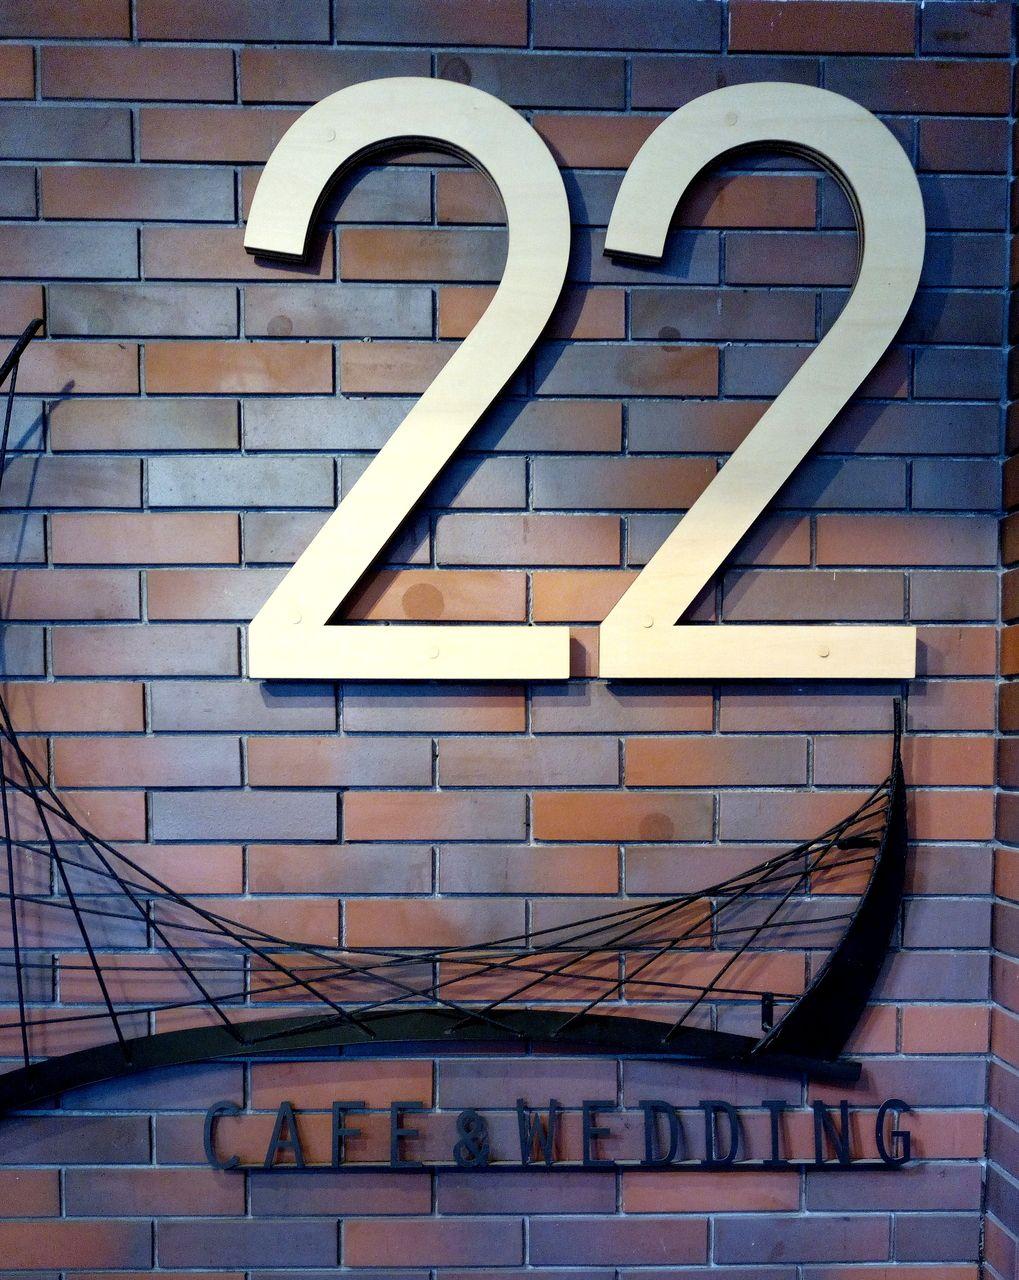 吉祥寺のカフェウエディング22は結婚式だけでなく、カフェとしても最高